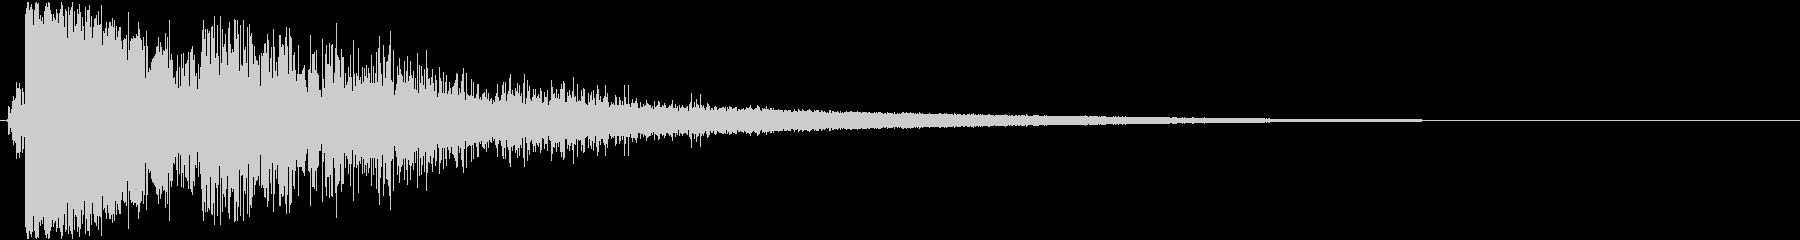 ザクッ 攻撃音の未再生の波形